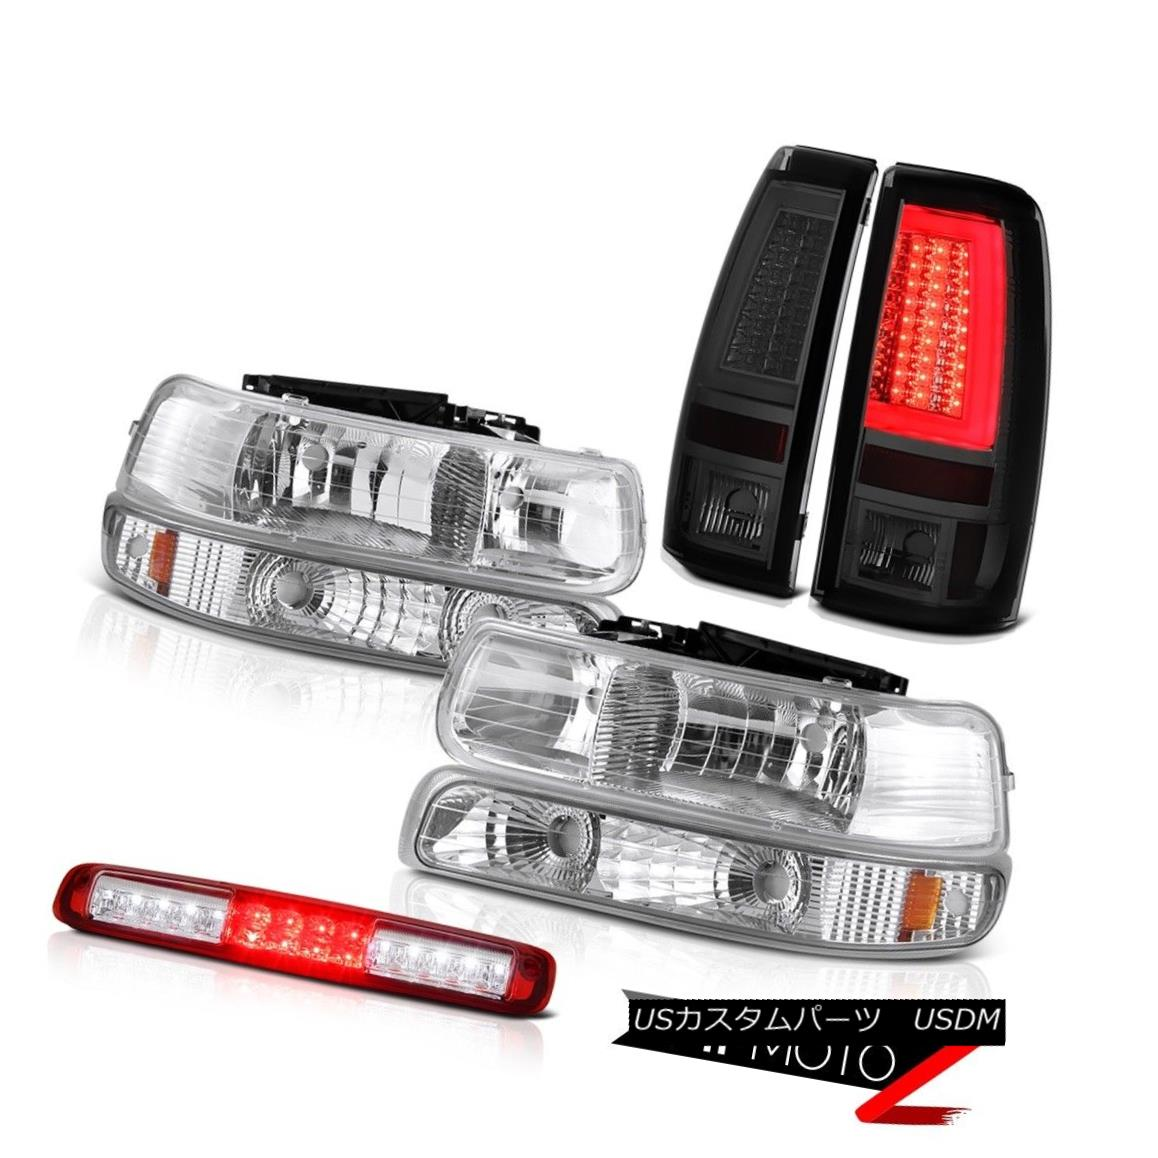 ヘッドライト 1999-2002 Silverado 3500 Taillights Red Roof Cab Light Headlamps LED OE Style 1999-2002シルバラード3500テールライトレッドルーフキャブライトヘッドランプLED OEスタイル